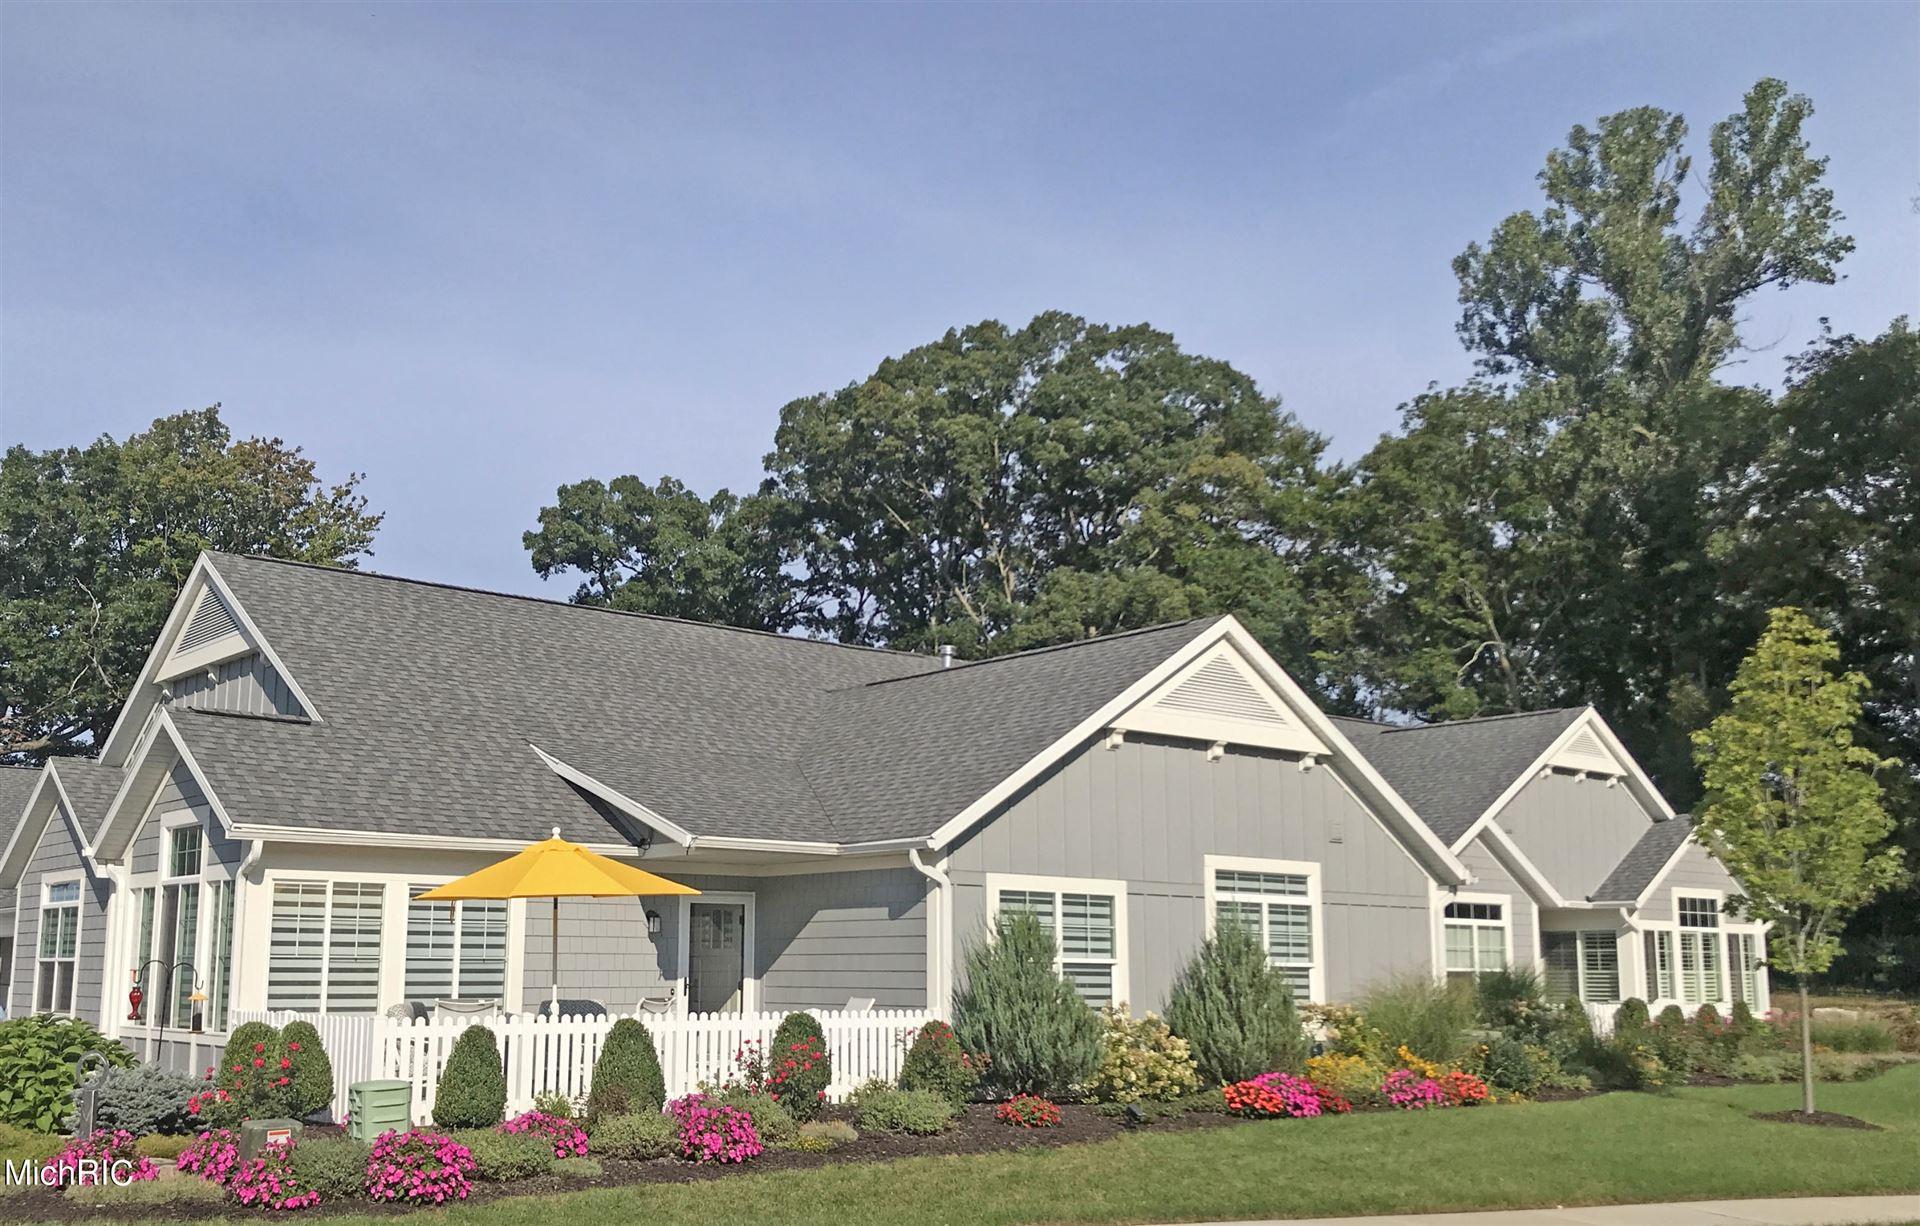 210 Janes View Drive, Holland, MI 49424 - MLS#: 21010439